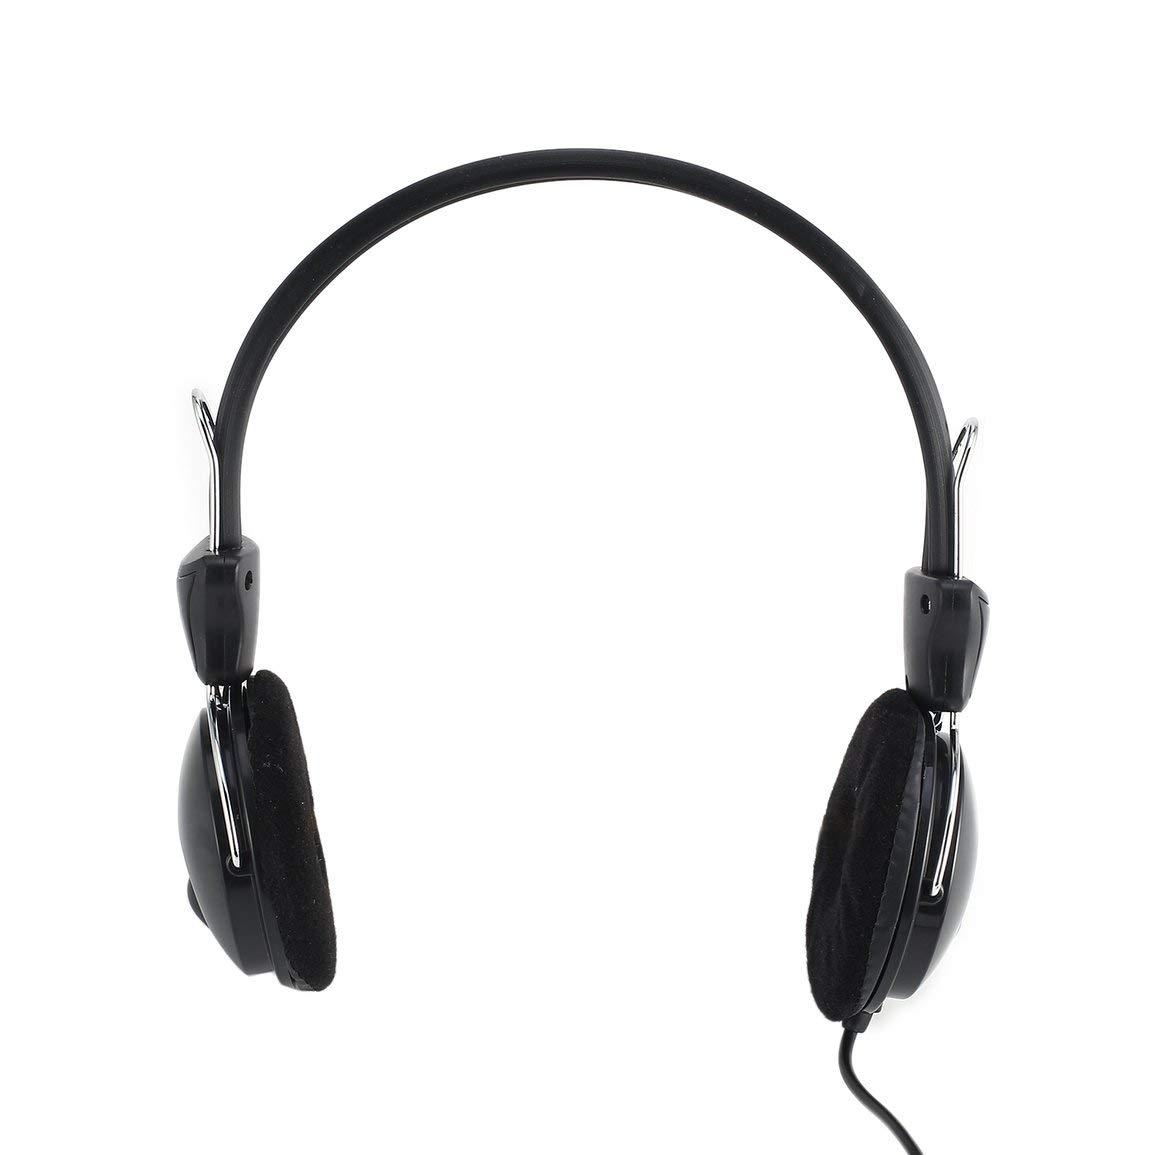 Auricular Auriculares para Detector de Oro probador de Metal Universal de Cazador de Tesoros Metro escáner Accesorios Piezas No Hay Ruido: Amazon.es: ...